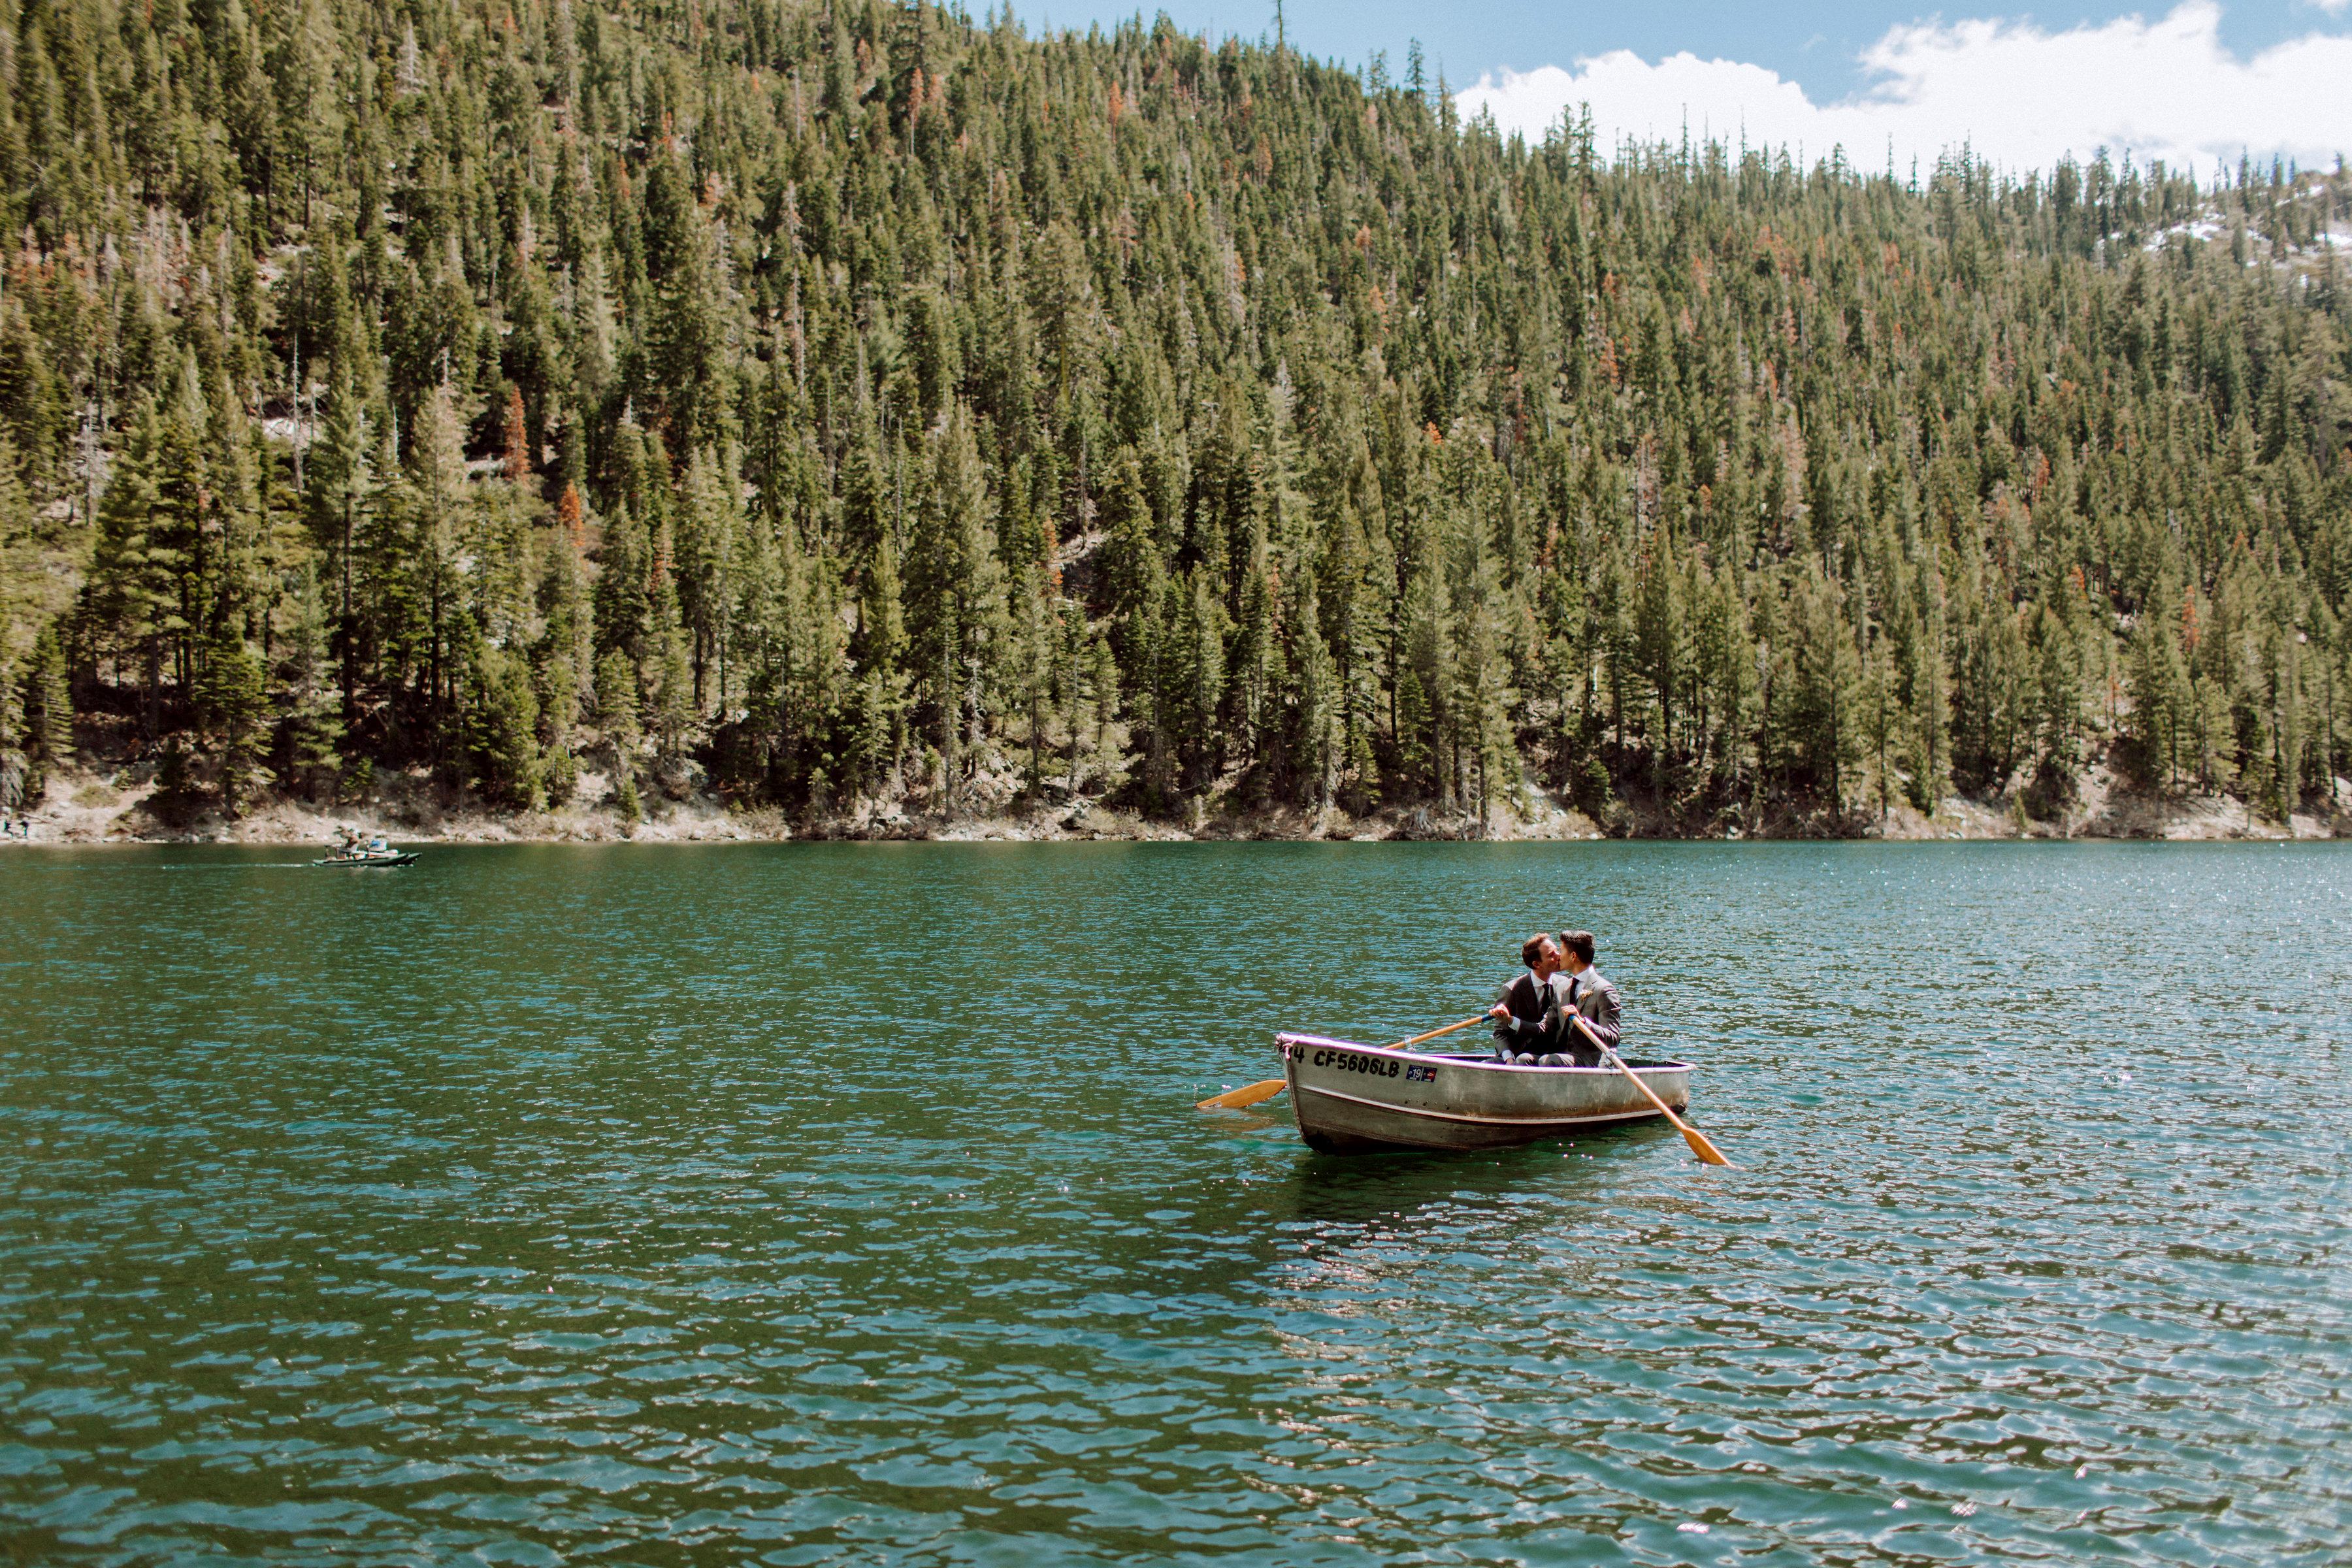 Court & Kelsey kissing in canoe on lake